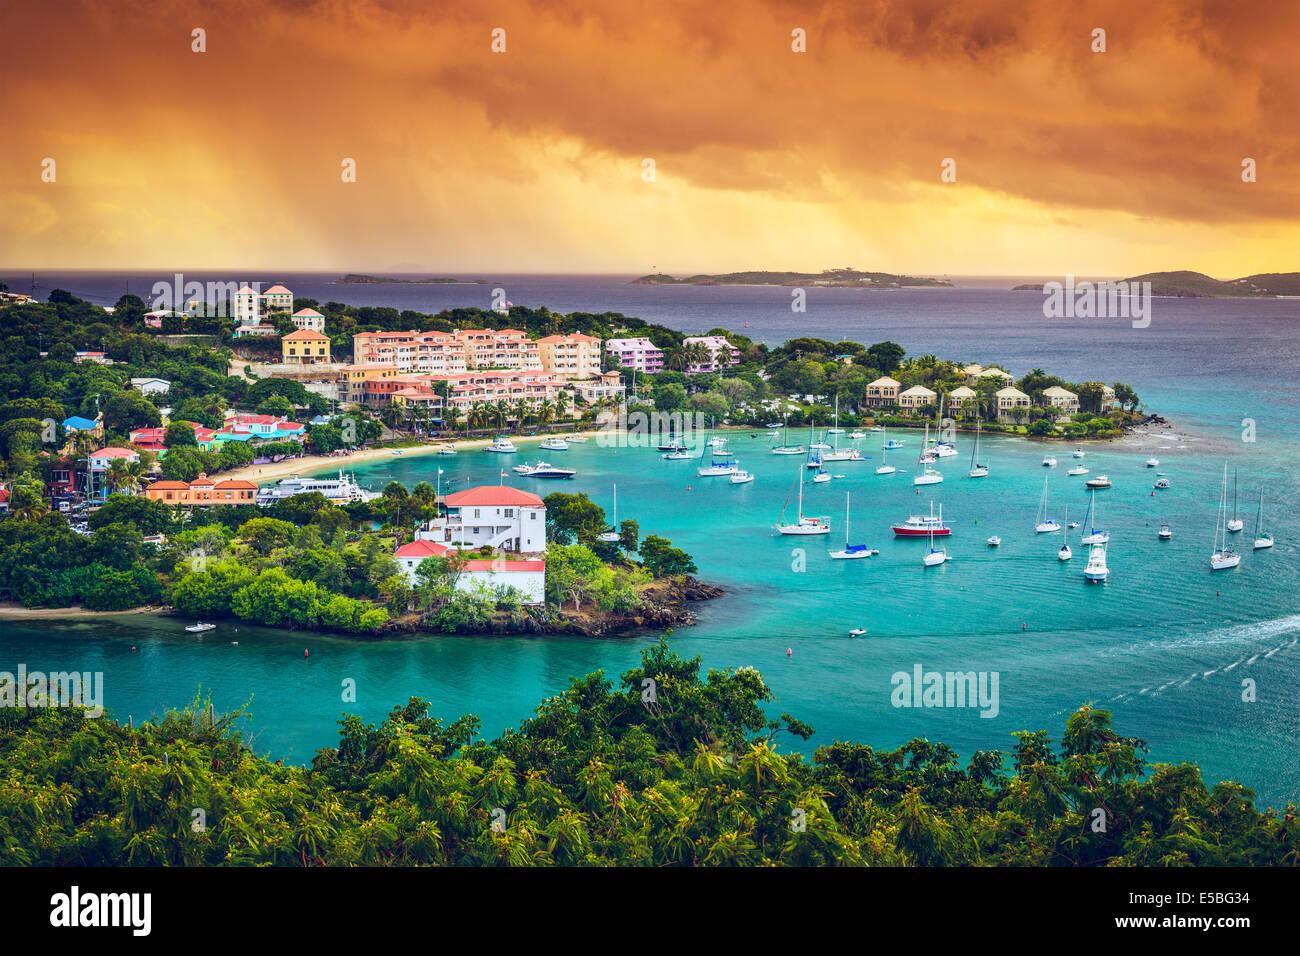 San Giovanni, noi isola vergine a Cruz Bay. Immagini Stock